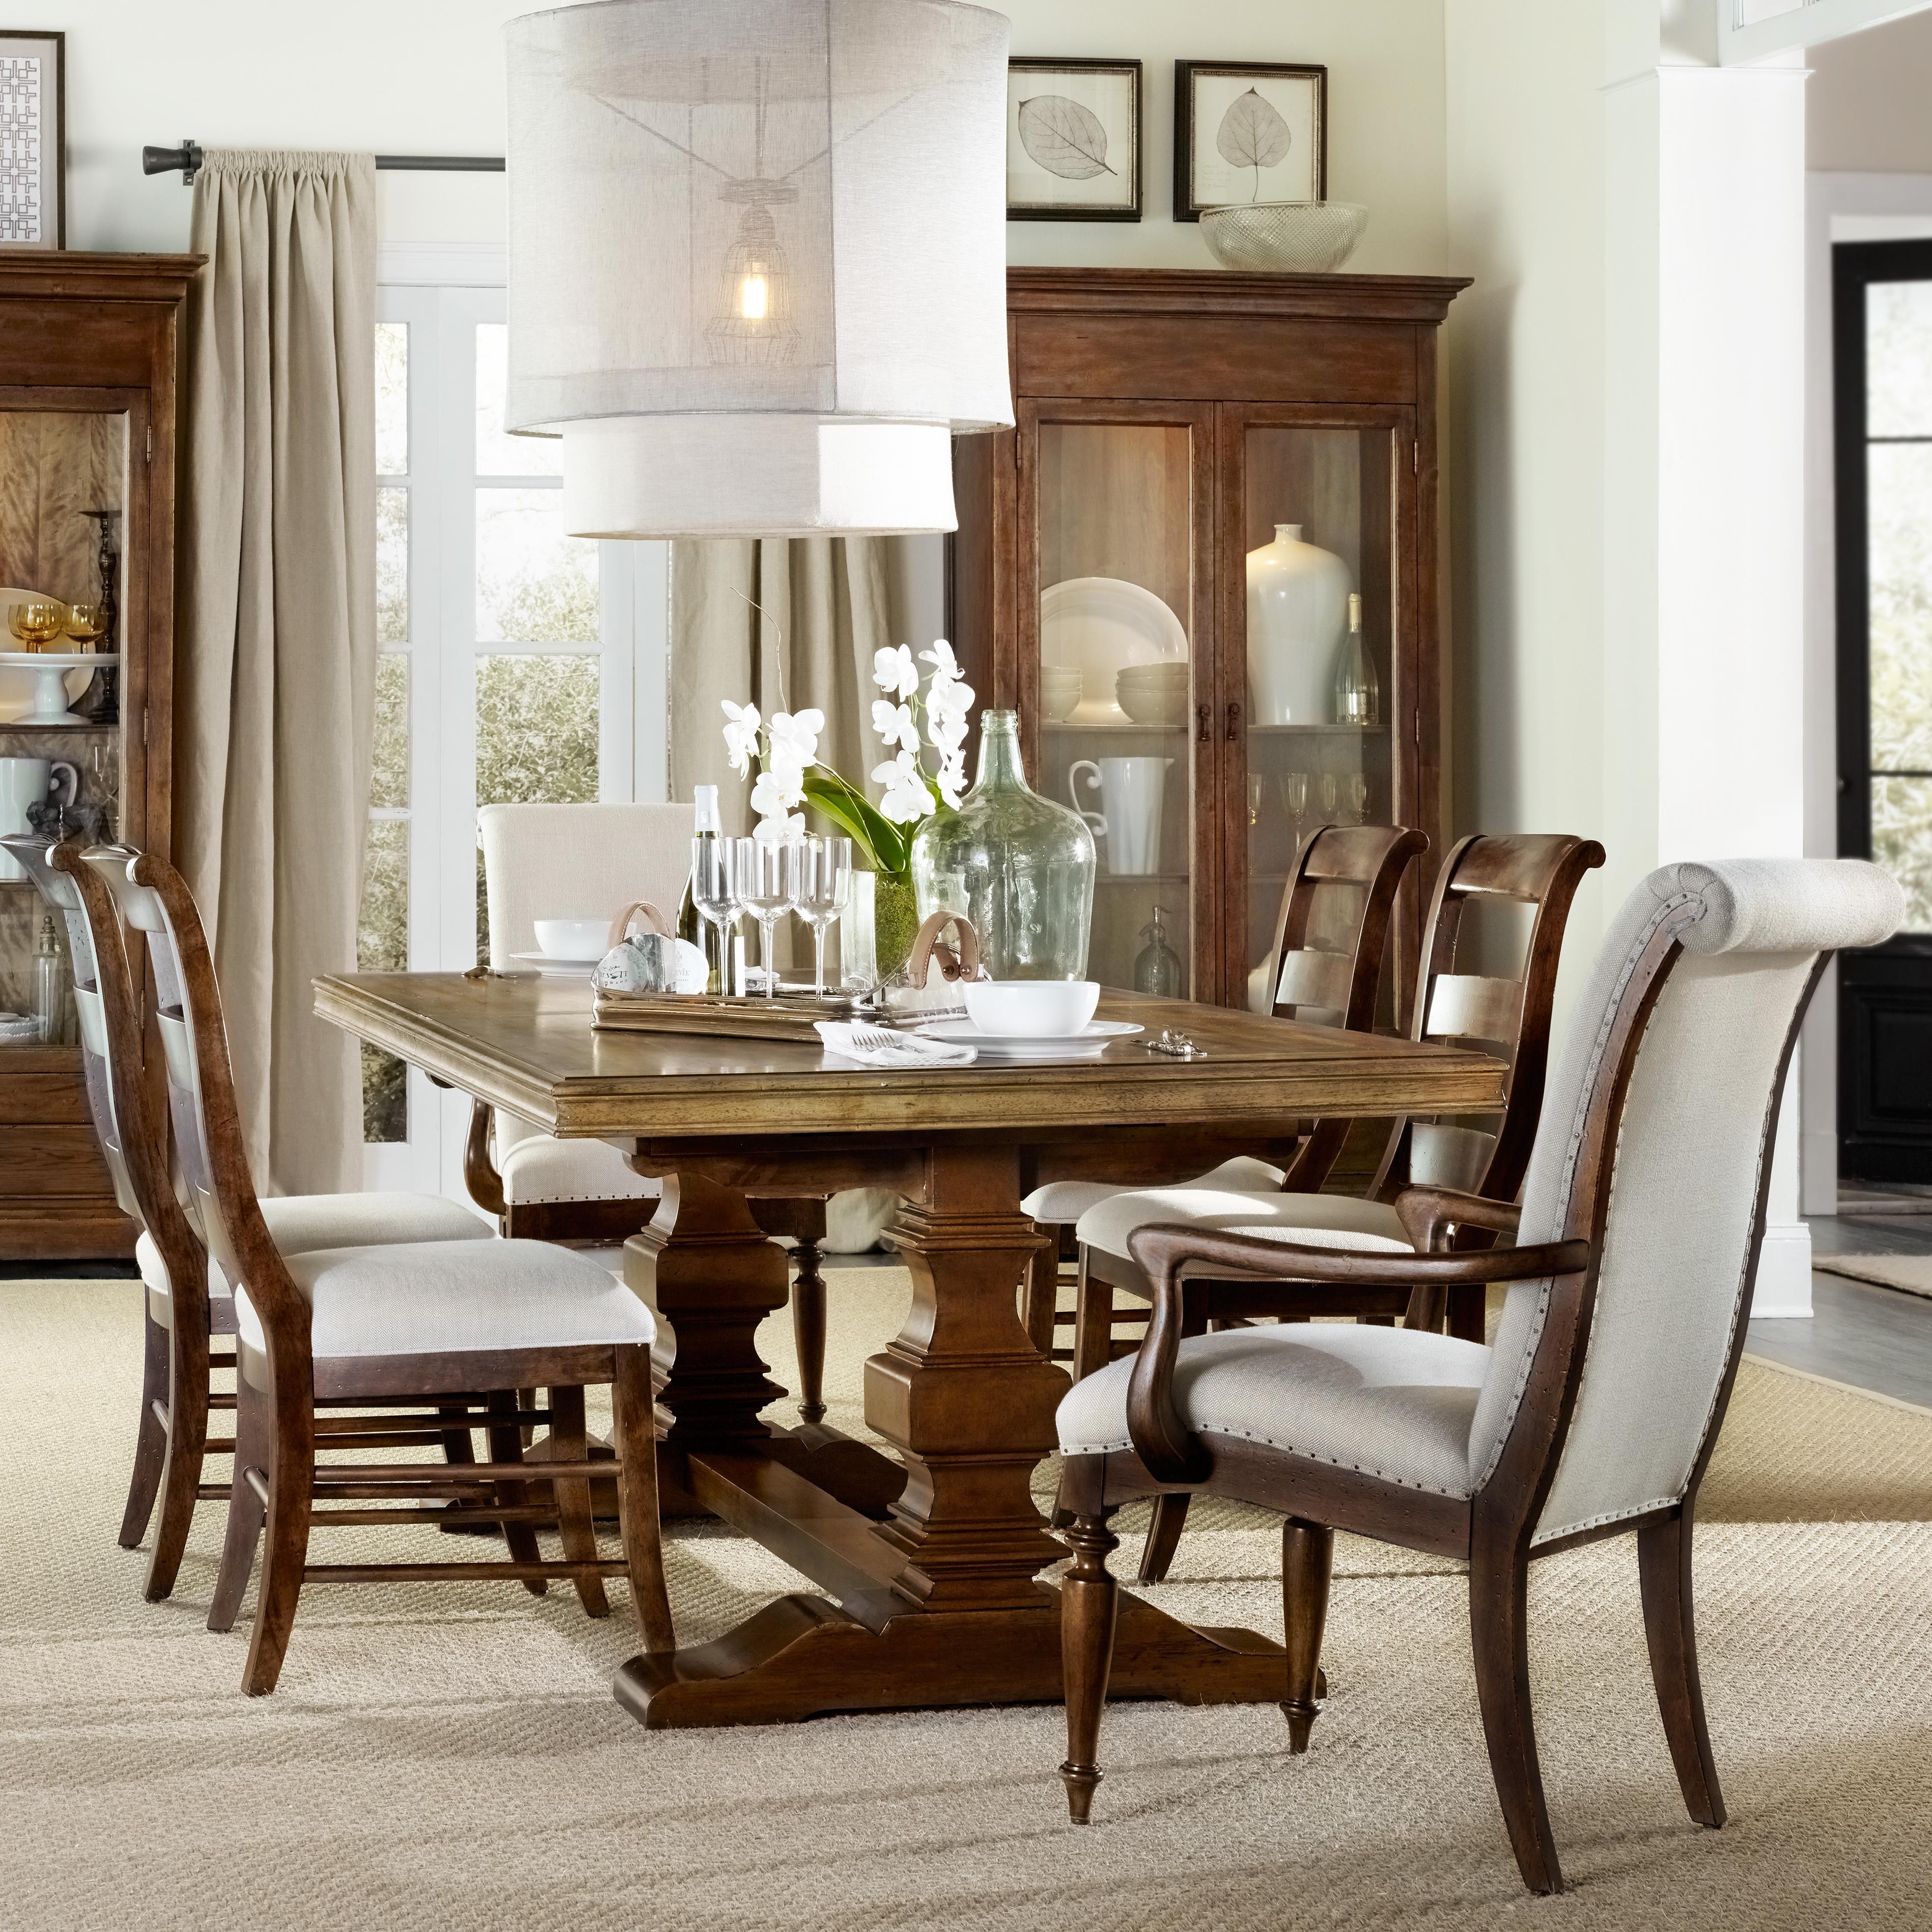 hooker furniture archivist 7 piece dining set with trestle table belfort furniture dining 7. Black Bedroom Furniture Sets. Home Design Ideas